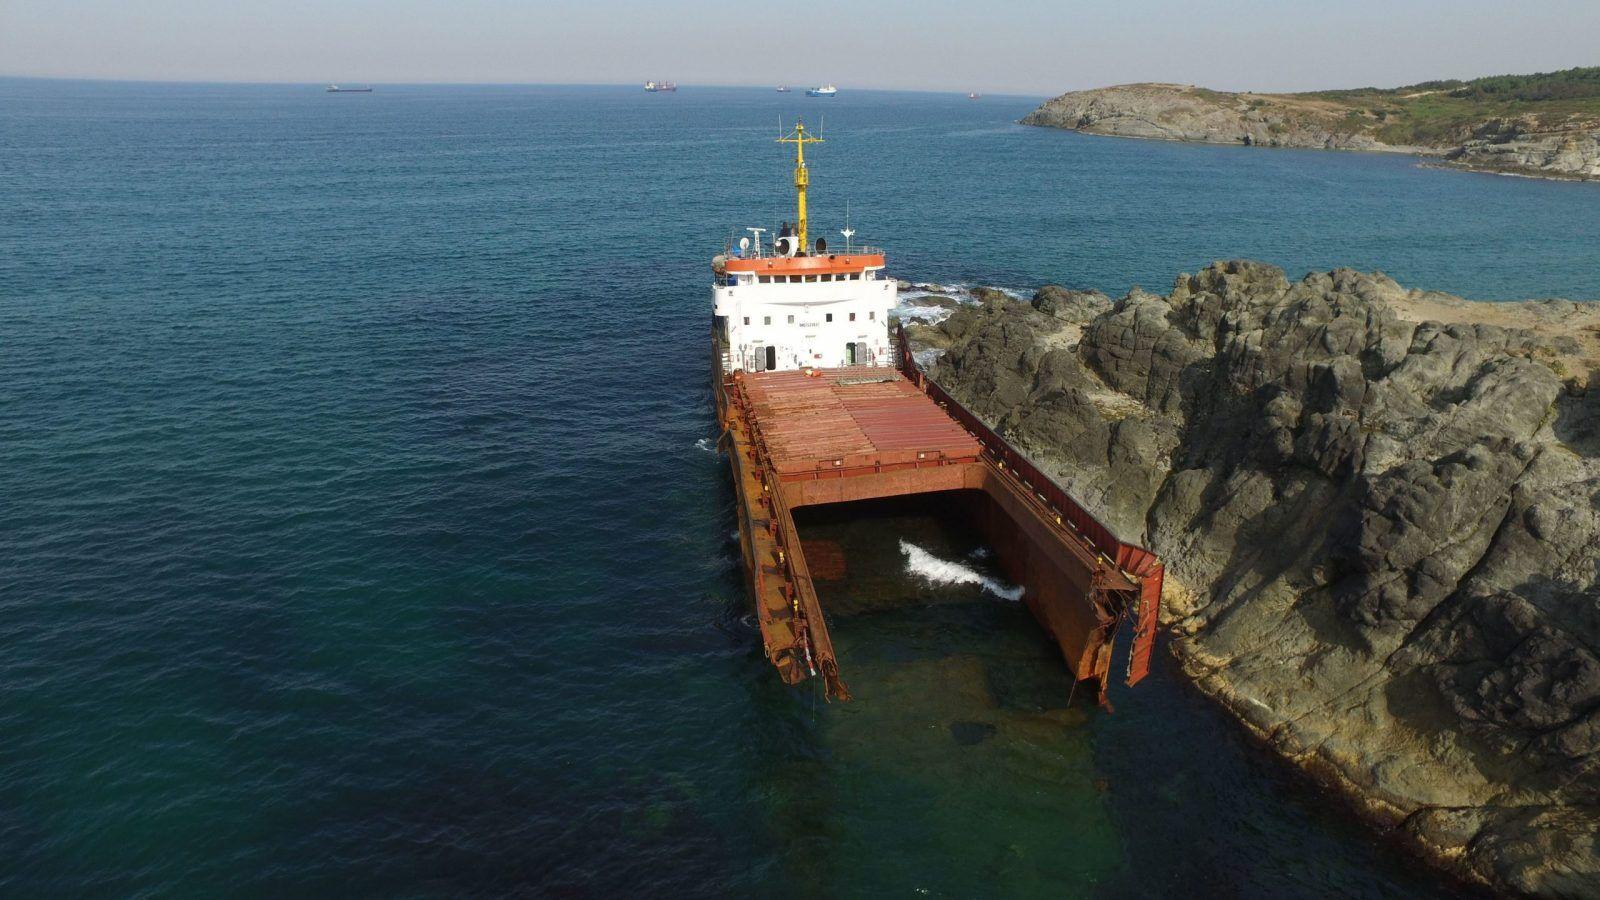 haberler, gundem - MV Leonard kazası 2 scaled - Kilyos Açıklarında Kırılan Gemi Parçalanmaya Başladı